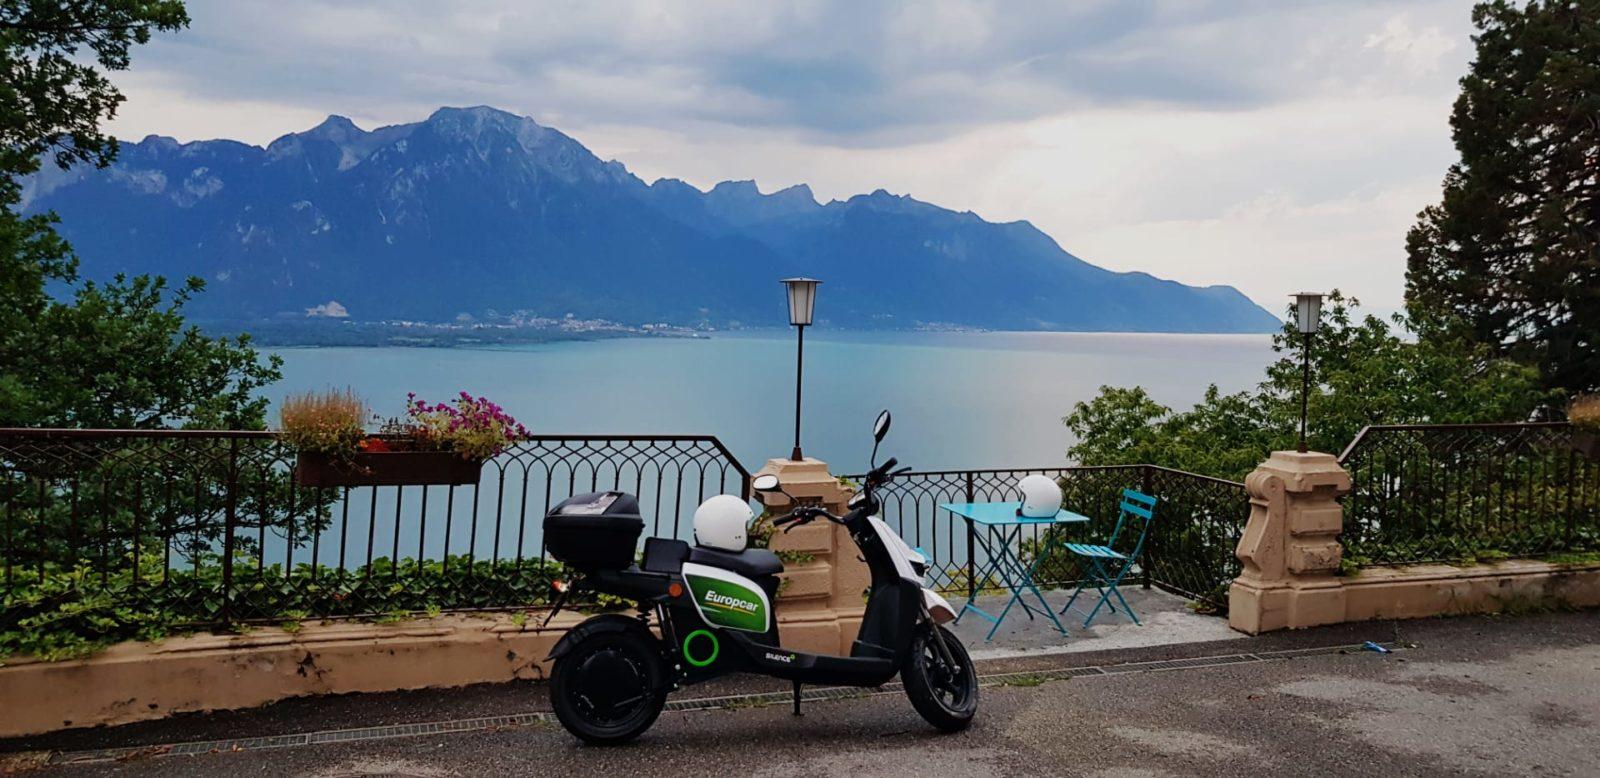 Interview de Graziella Jayet-Mavilia: «Nous souhaitons pouvoir offrir une alternative aux personnes ayant besoin de mobilité urbaine»